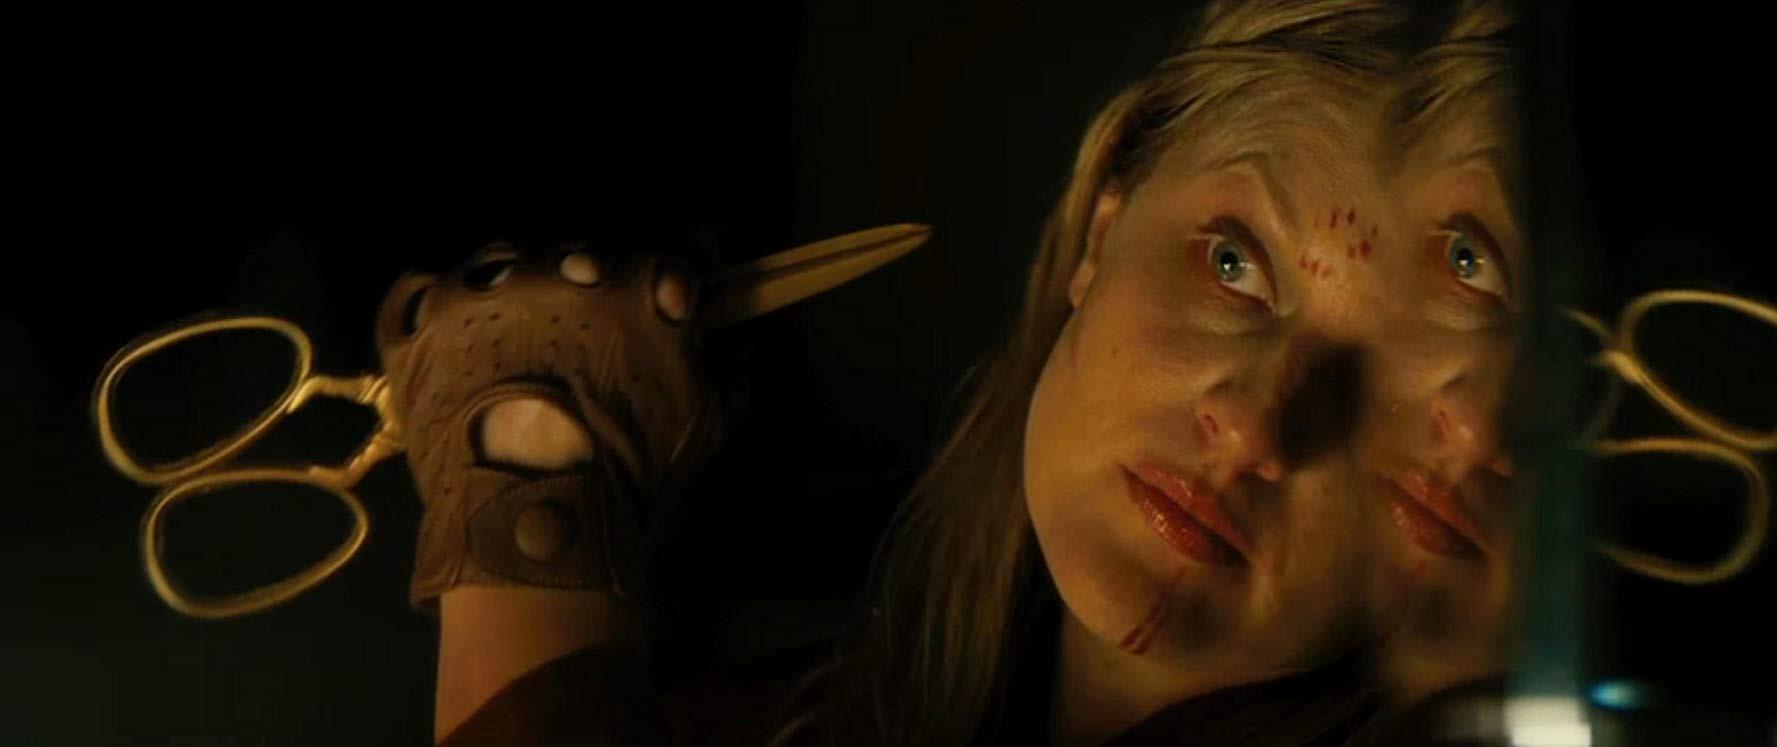 """Ai xem xong phim kinh dị """"Us"""" cũng mất ngủ với 12 chi tiết đáng sợ đến ám ảnh nhất sau - Ảnh 10."""